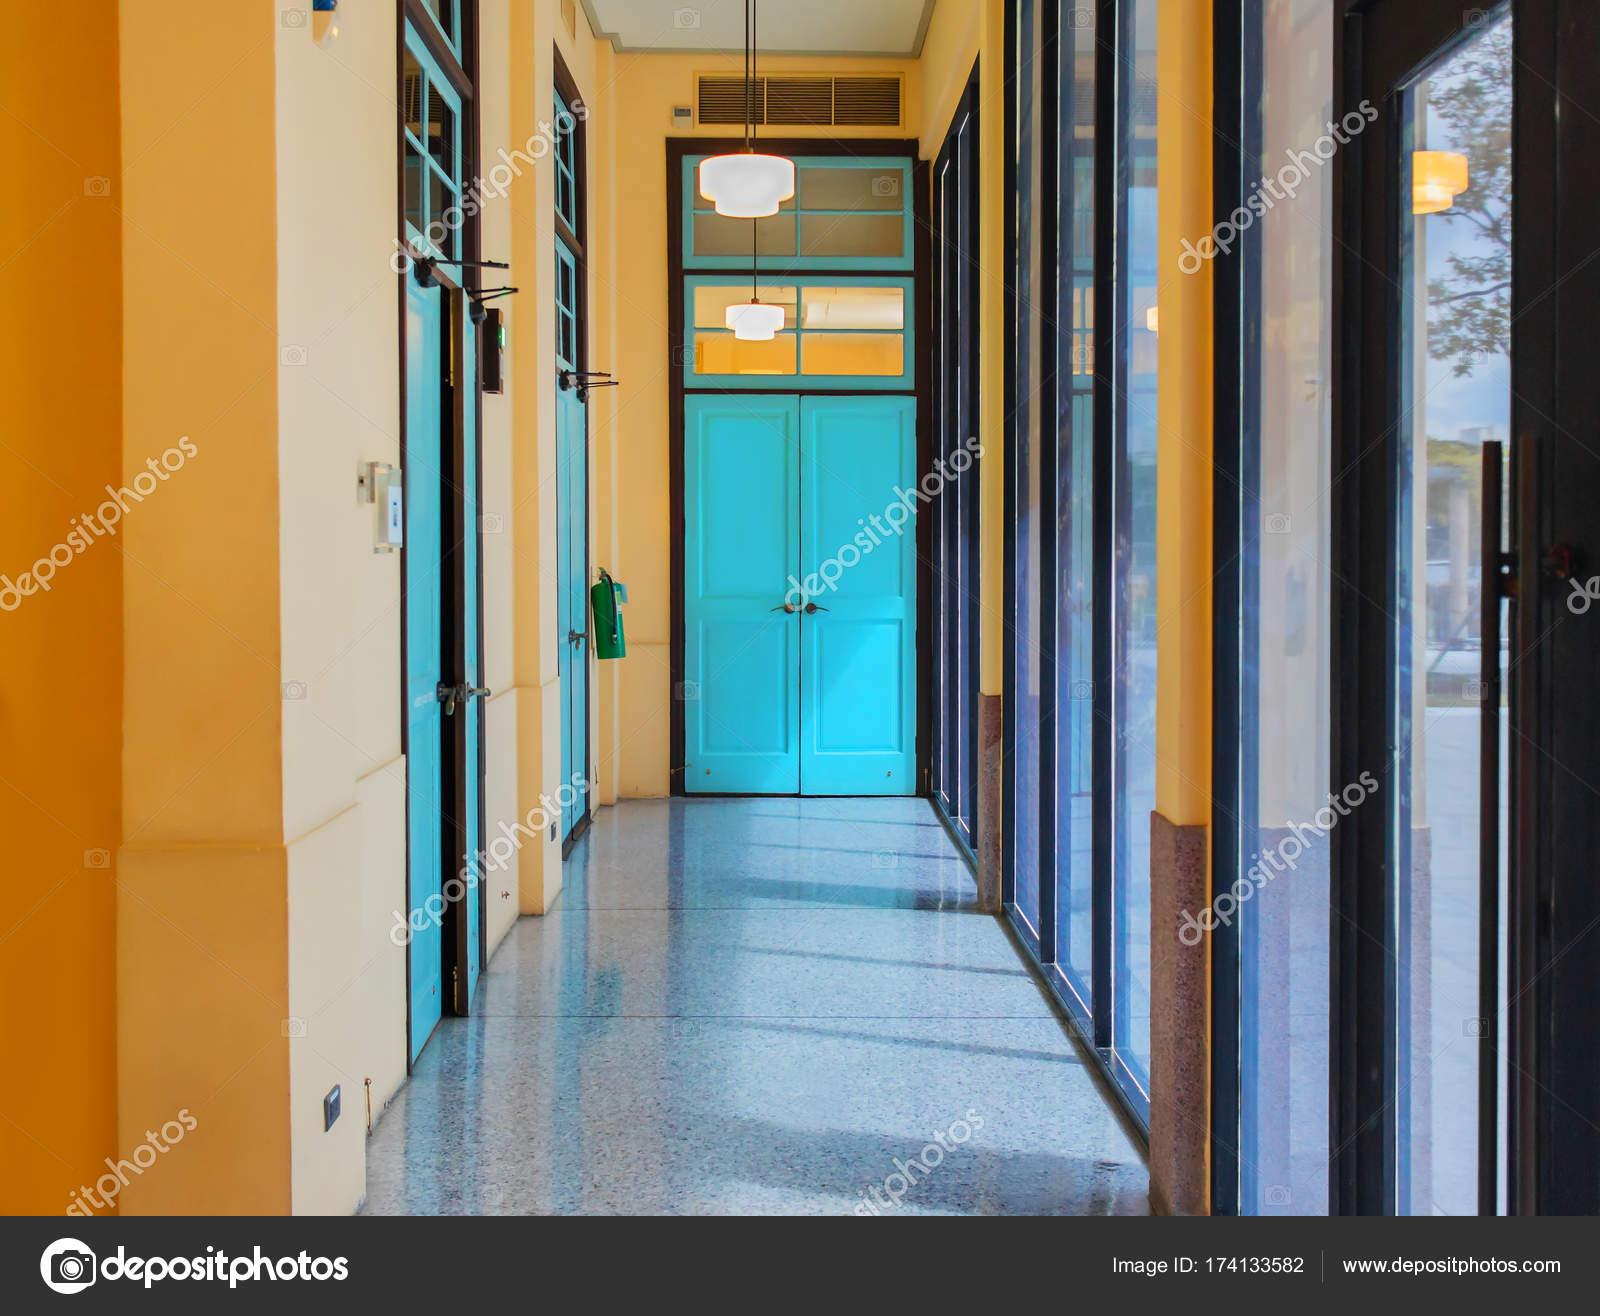 Innenarchitektur Leeren Gehwege Vintage Bunten Gebäude Museum ...